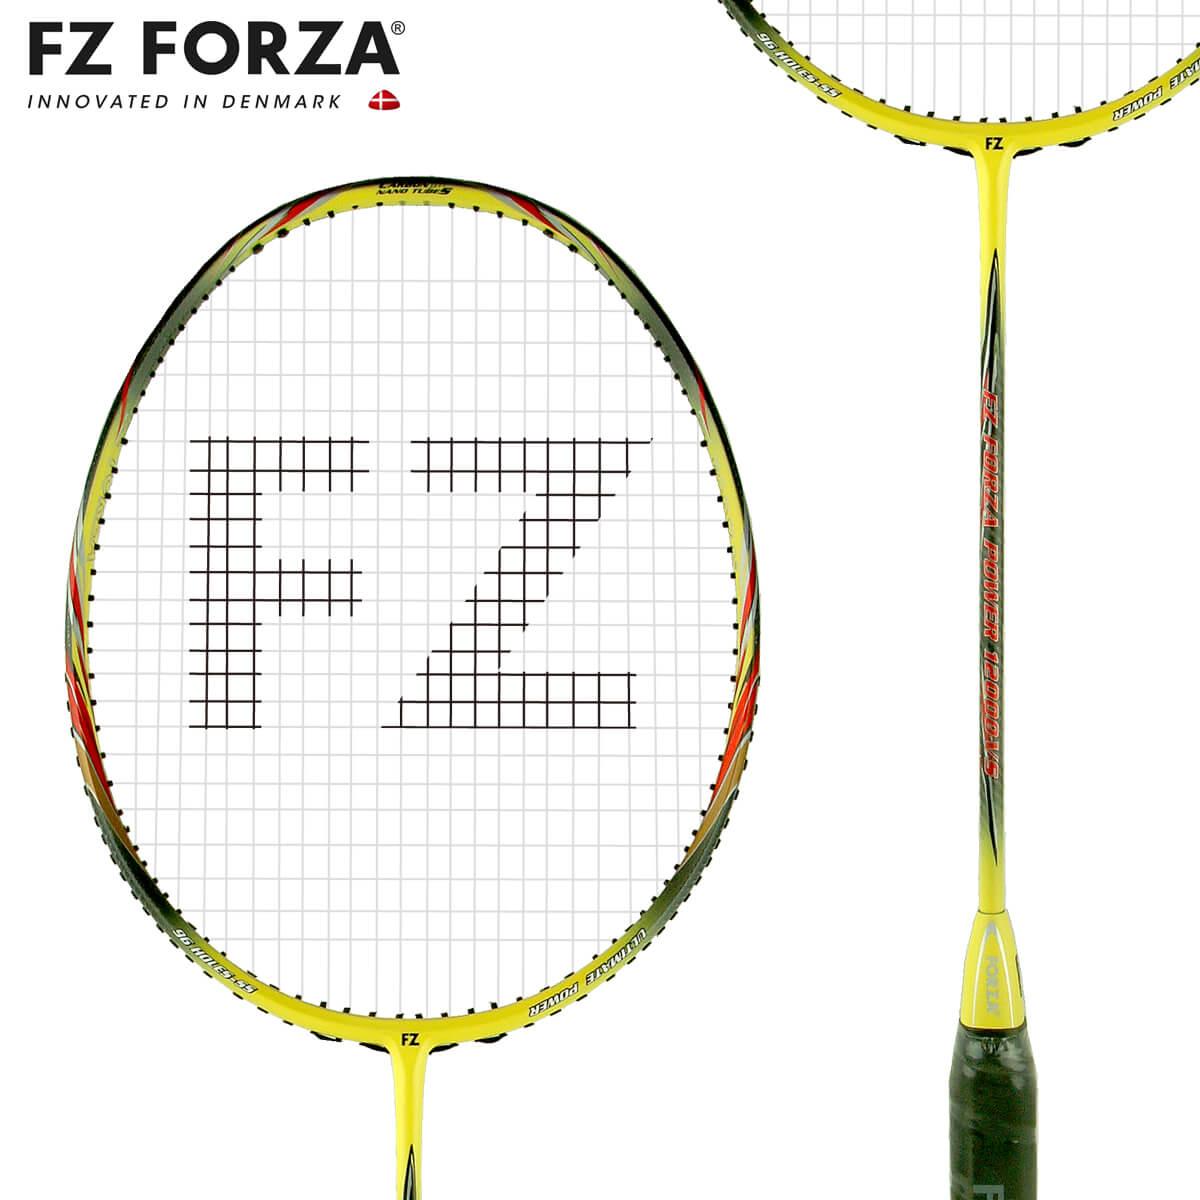 FZ FORZA Power12000 VS 3UG5 96ホール FZ フォーザ バドミントンラケット【オススメガット&ガット張り工賃無料】